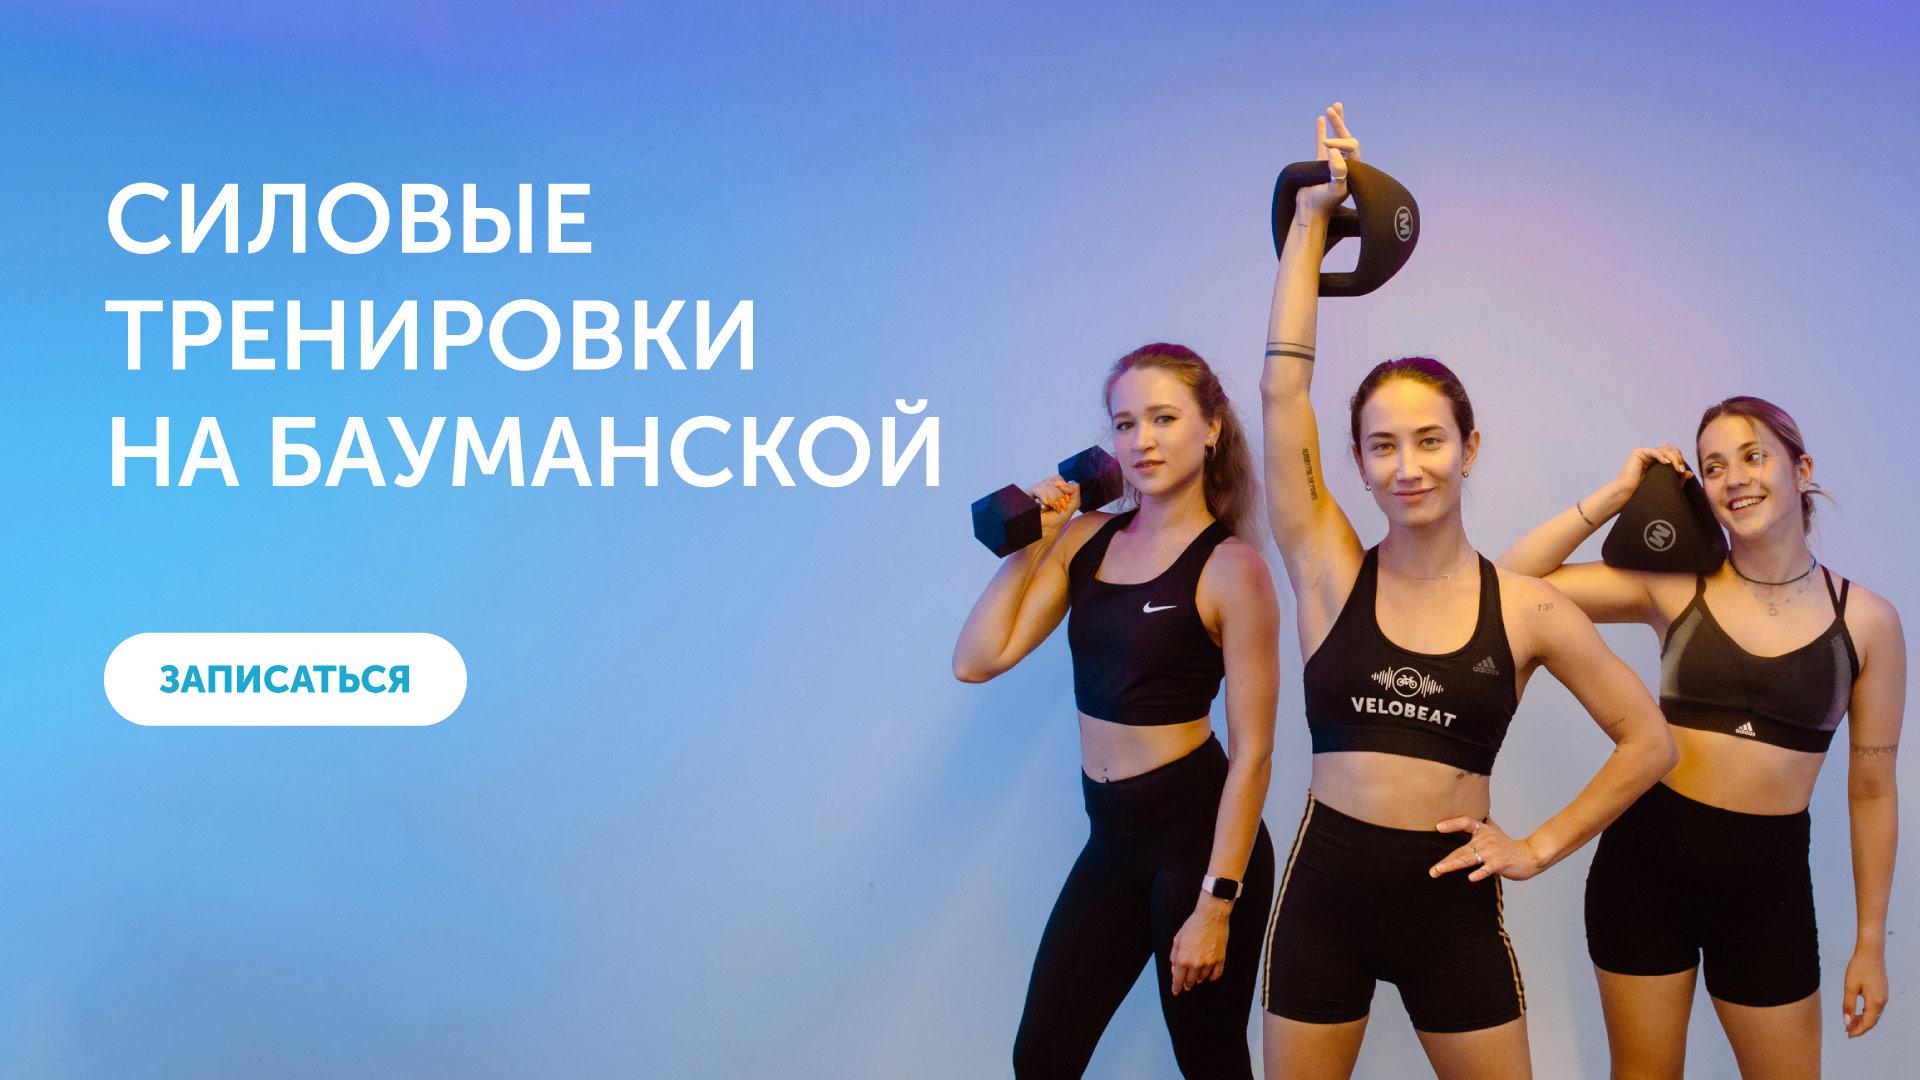 Силовые тренировки на Бауманской